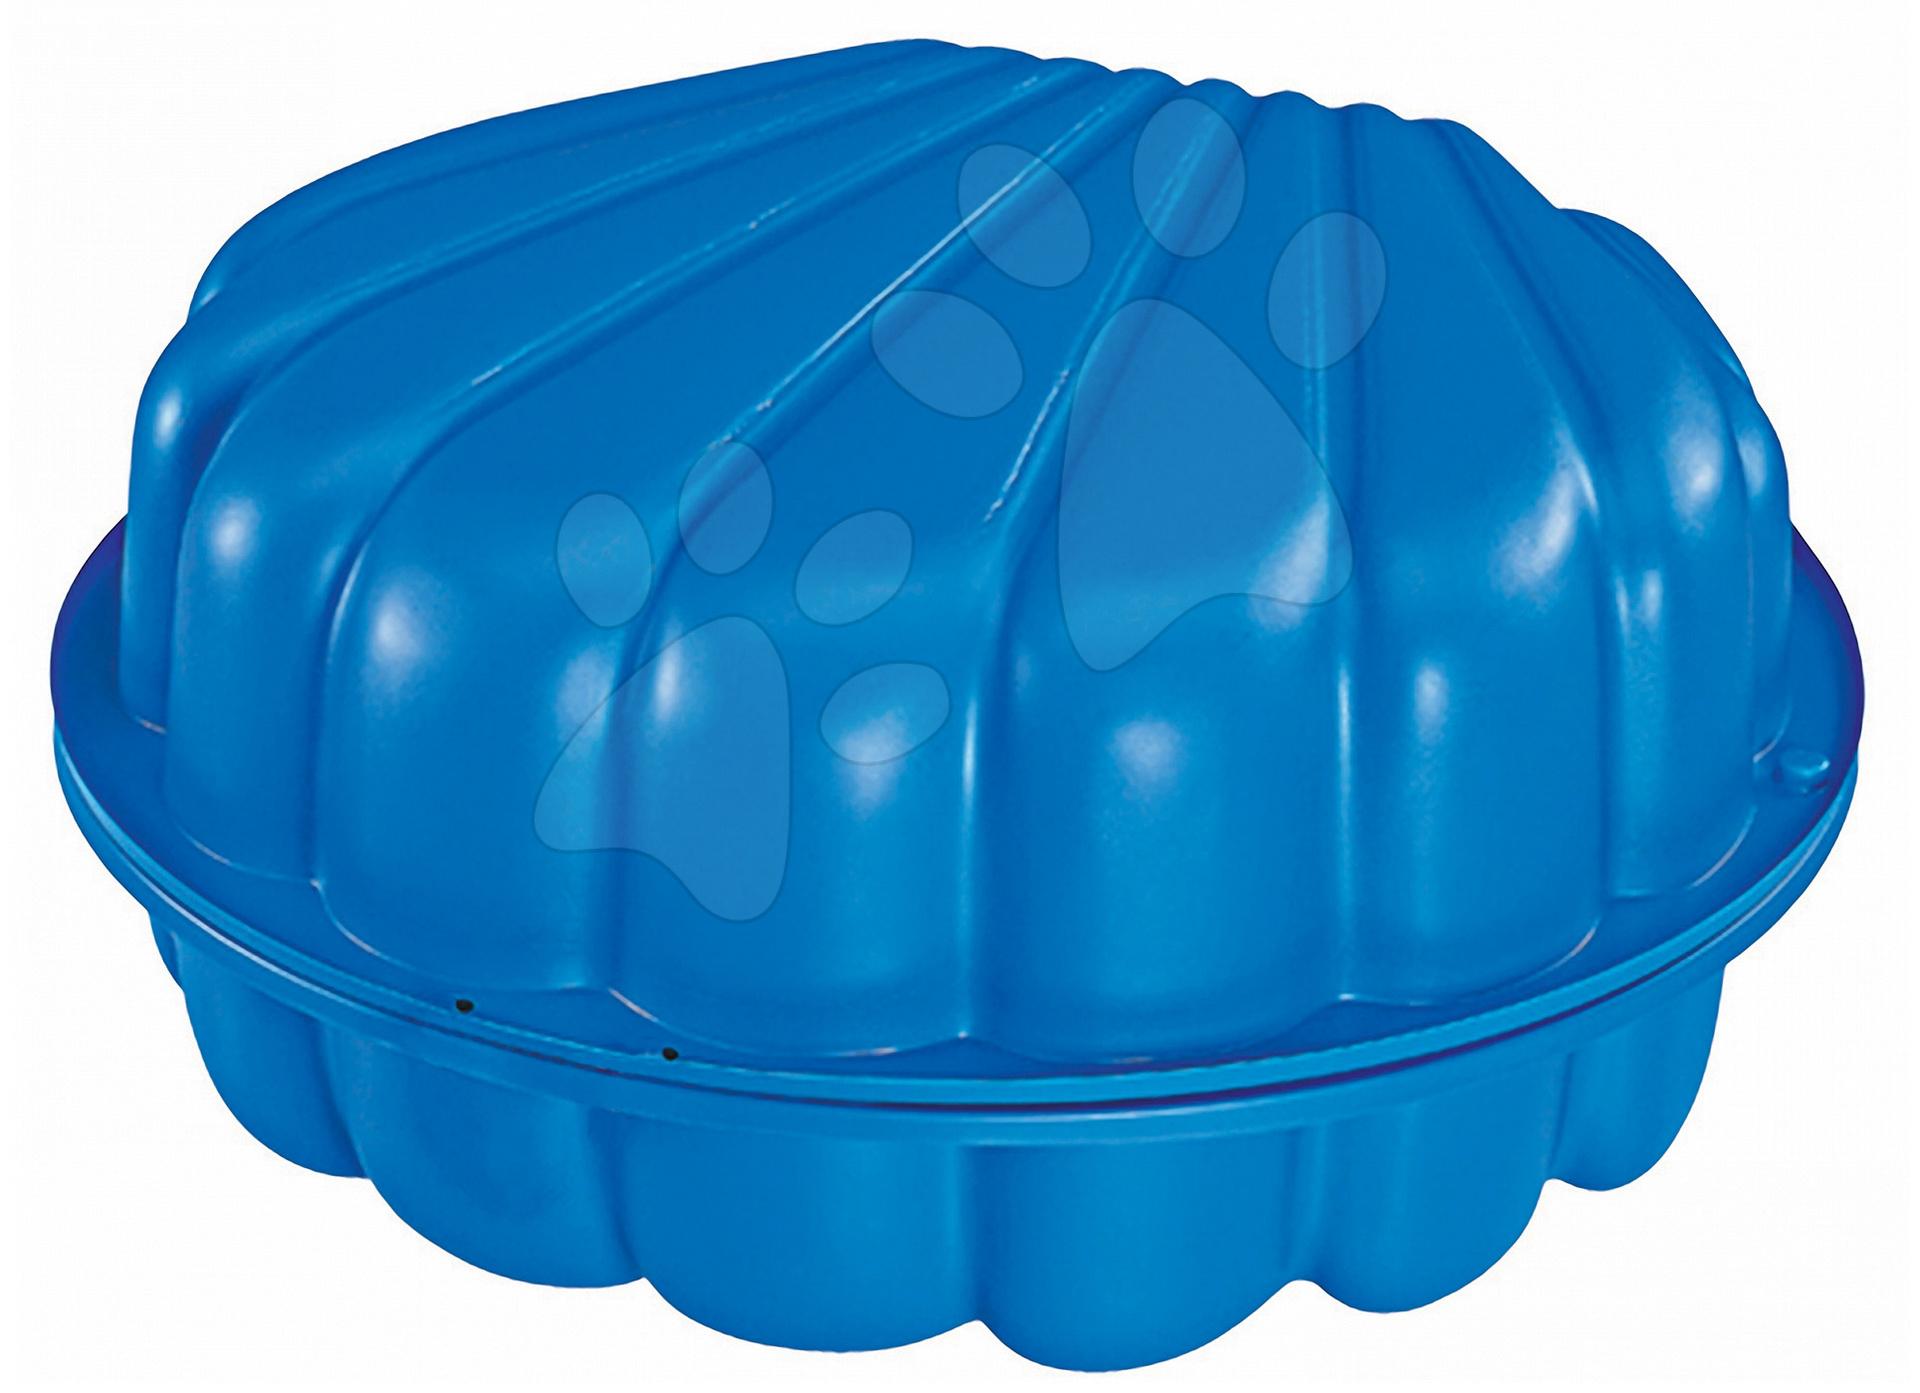 Pískoviště Mušle BIG dvoudílné objem 2*100 litrů 88*88 cm modré od 18 měsíců